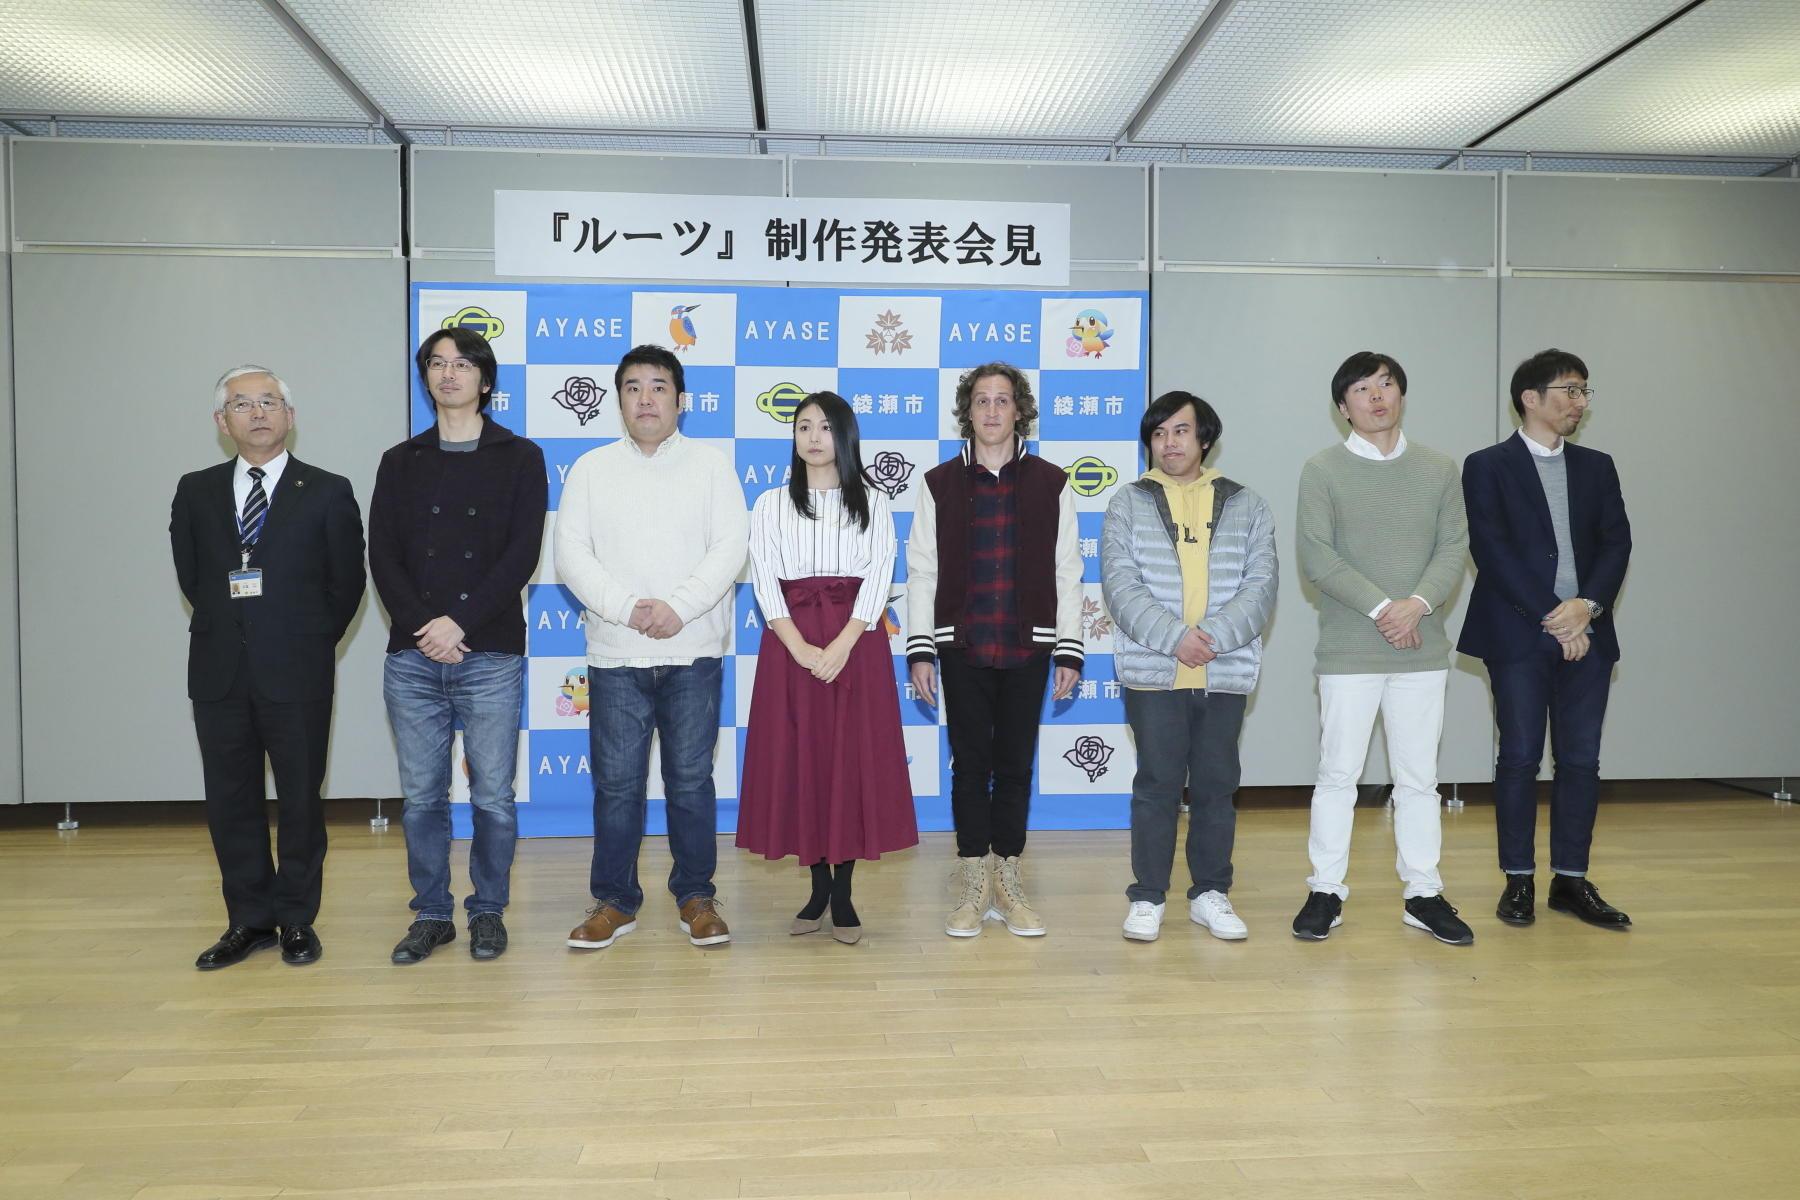 http://news.yoshimoto.co.jp/20190115224835-5fe4d8a8e304394991d53eede6955c295f9db619.jpg